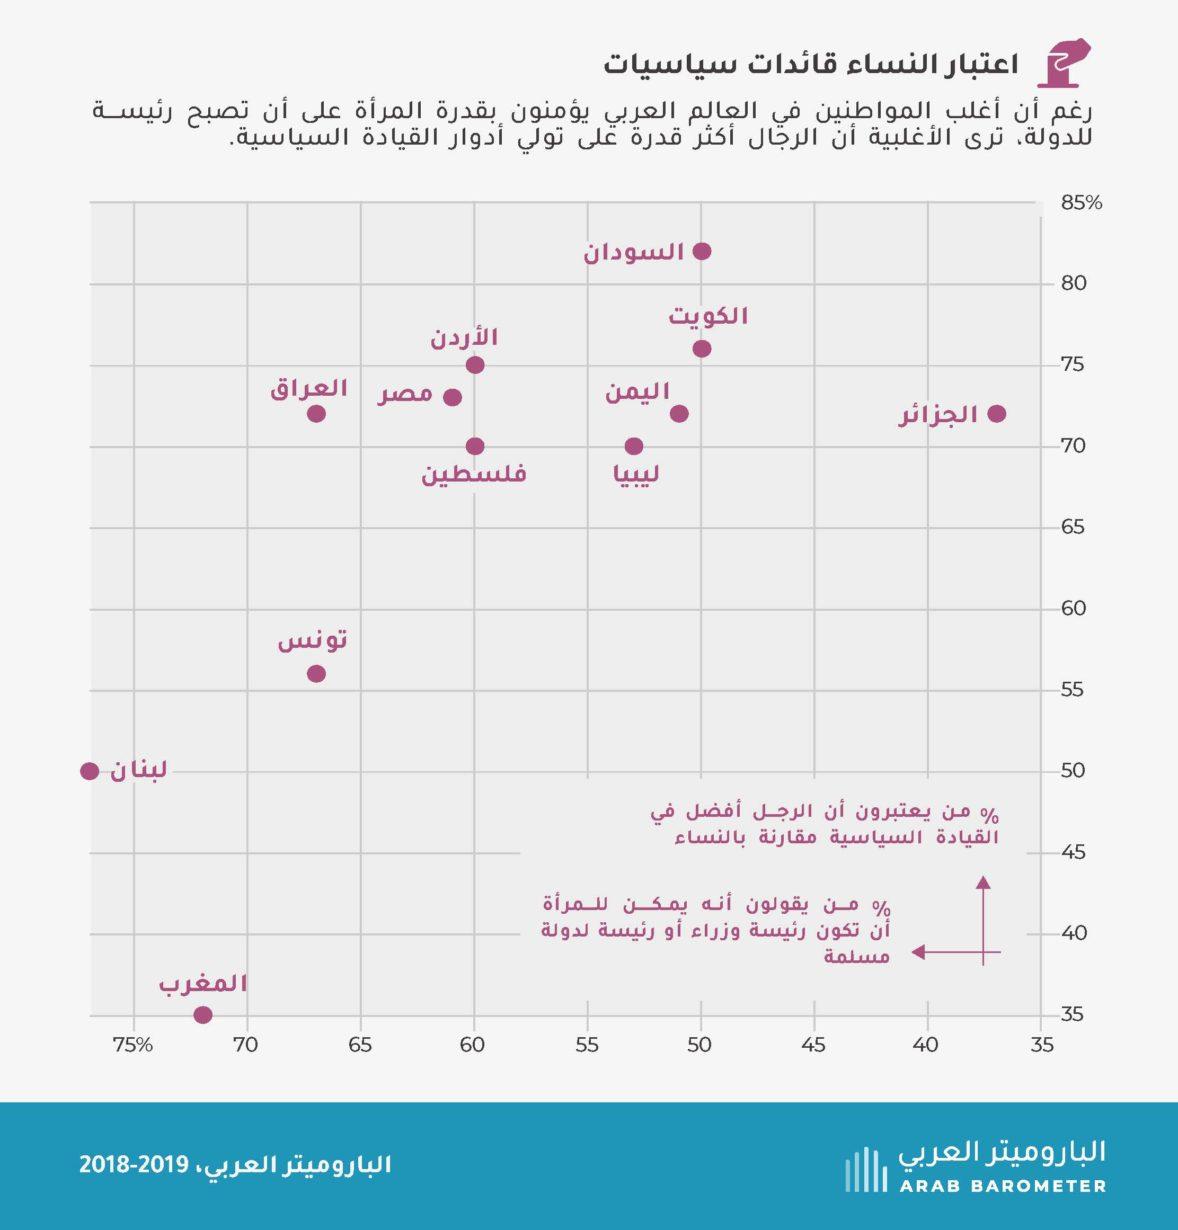 آراء المواطنين العرب حول النساء والسلطة السياسية